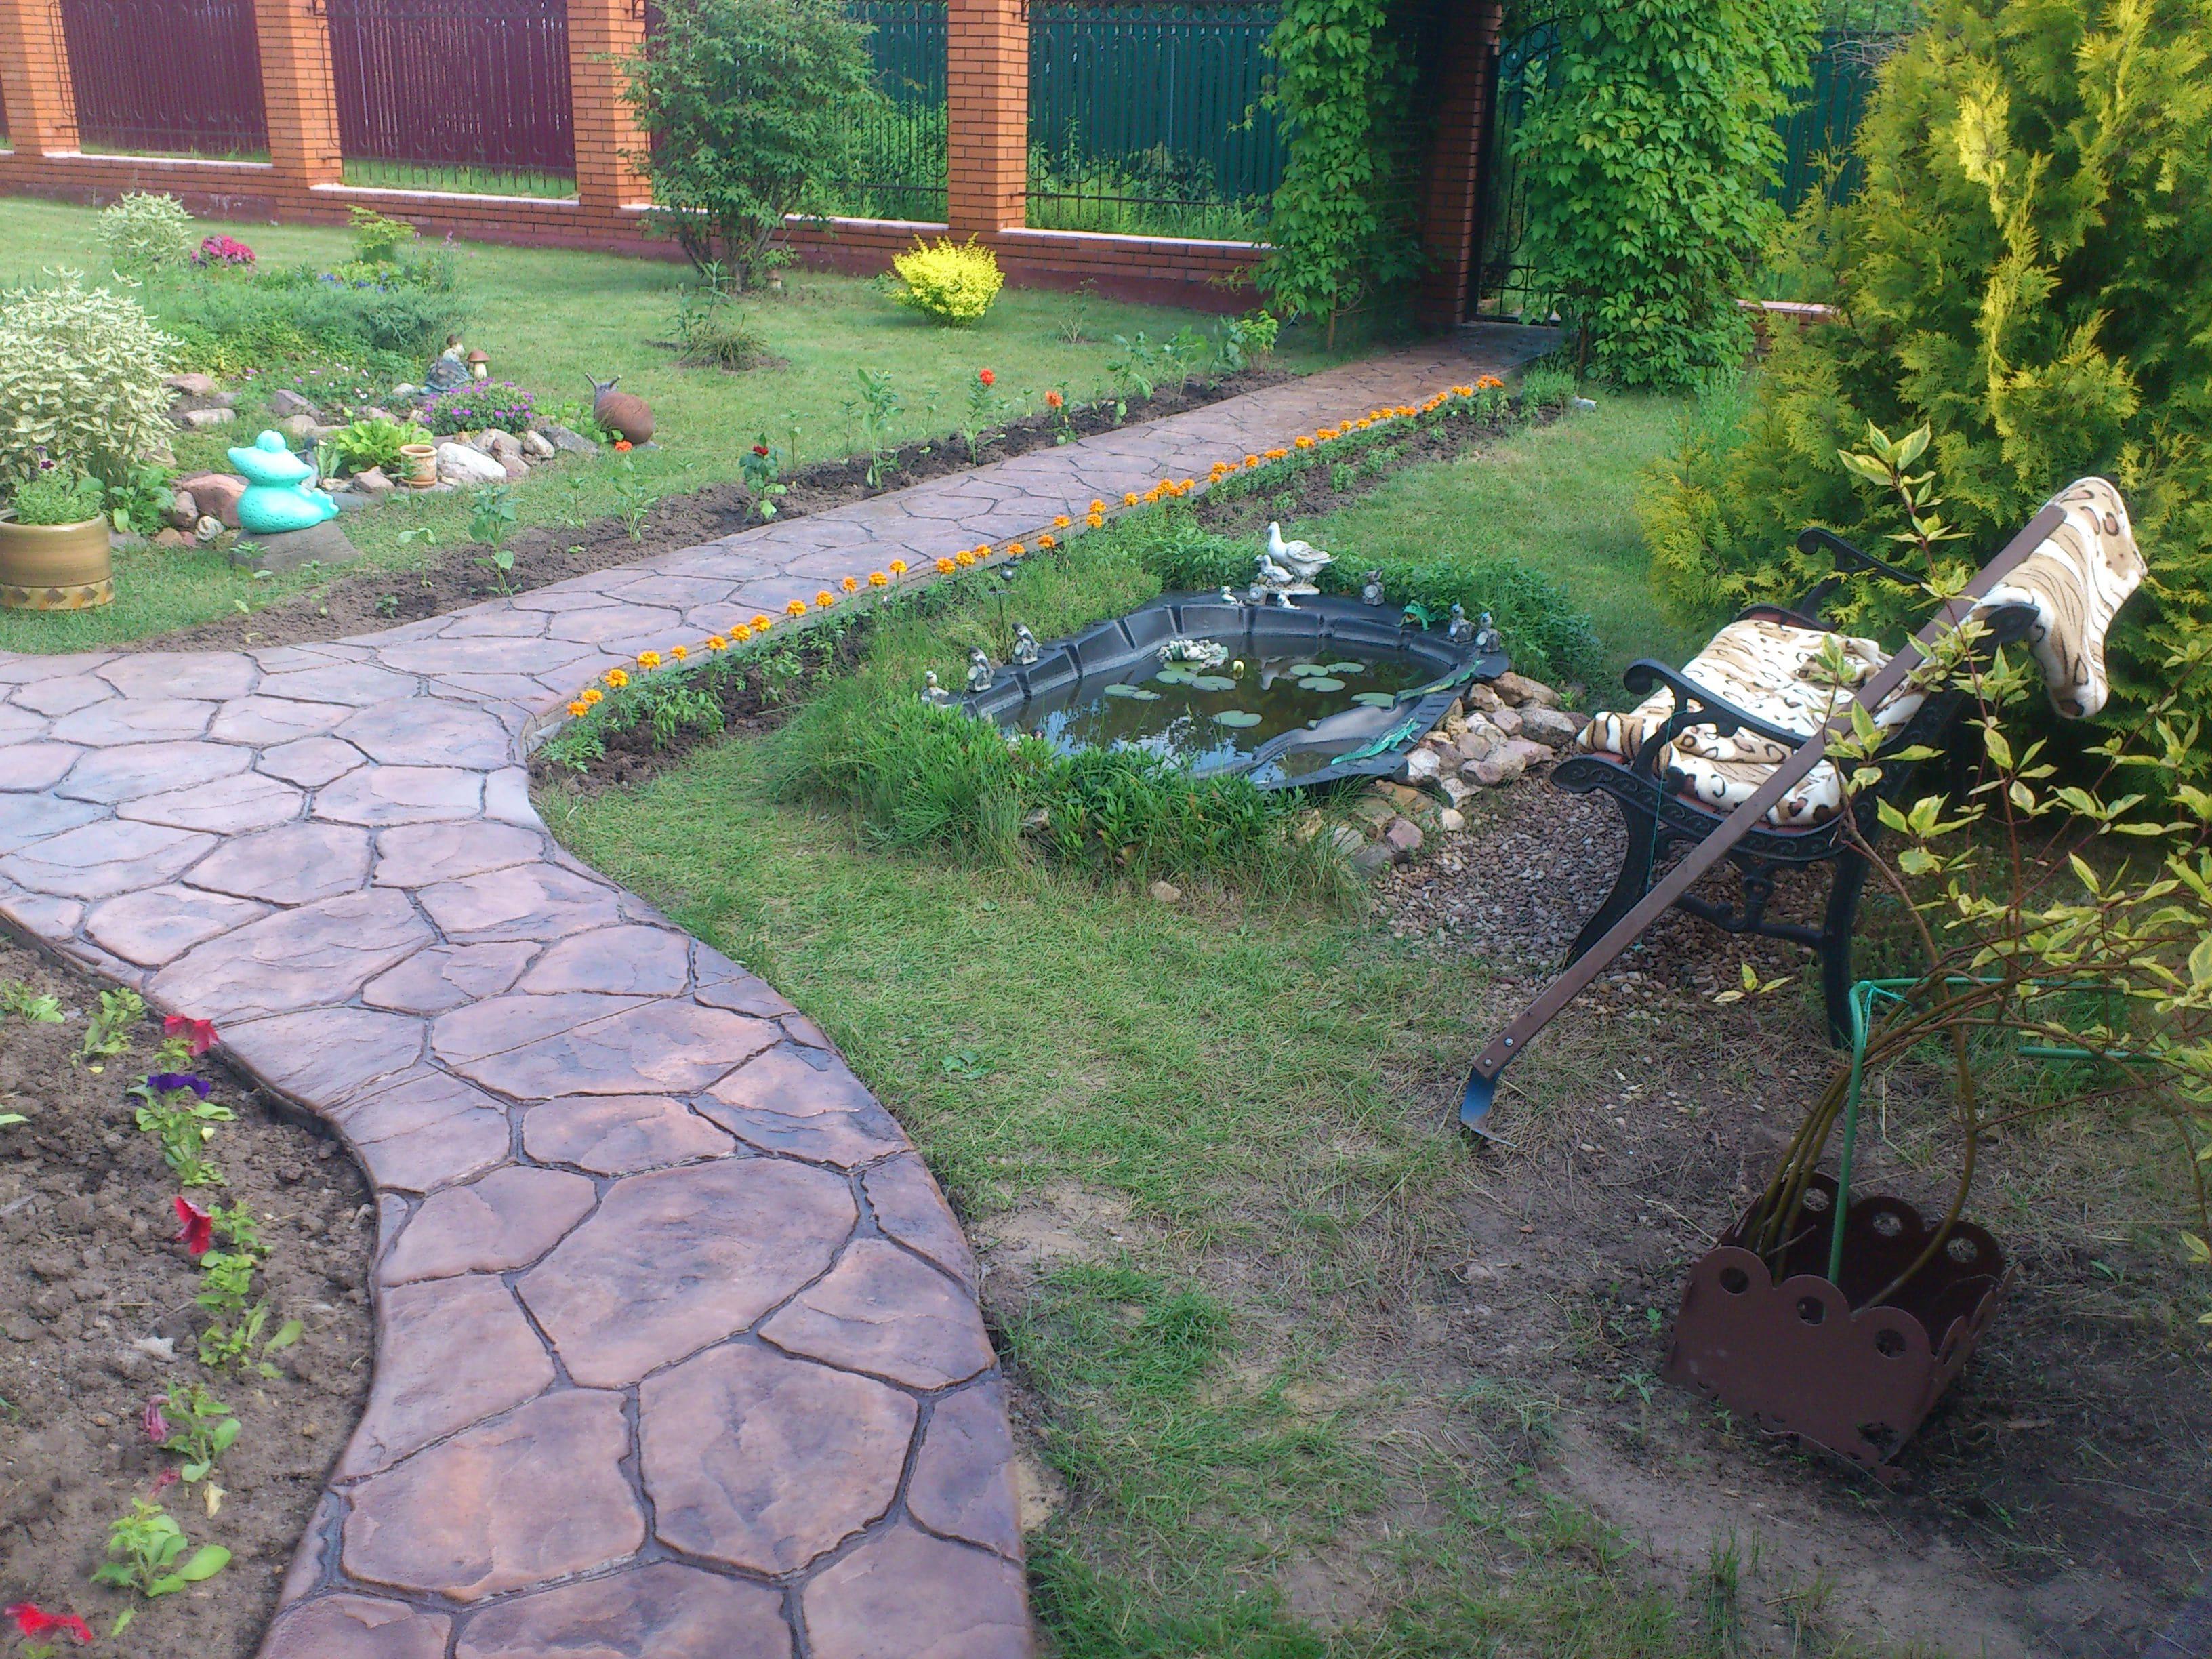 Ралиальный тротуар на садовом участке г.Ступино М.О.